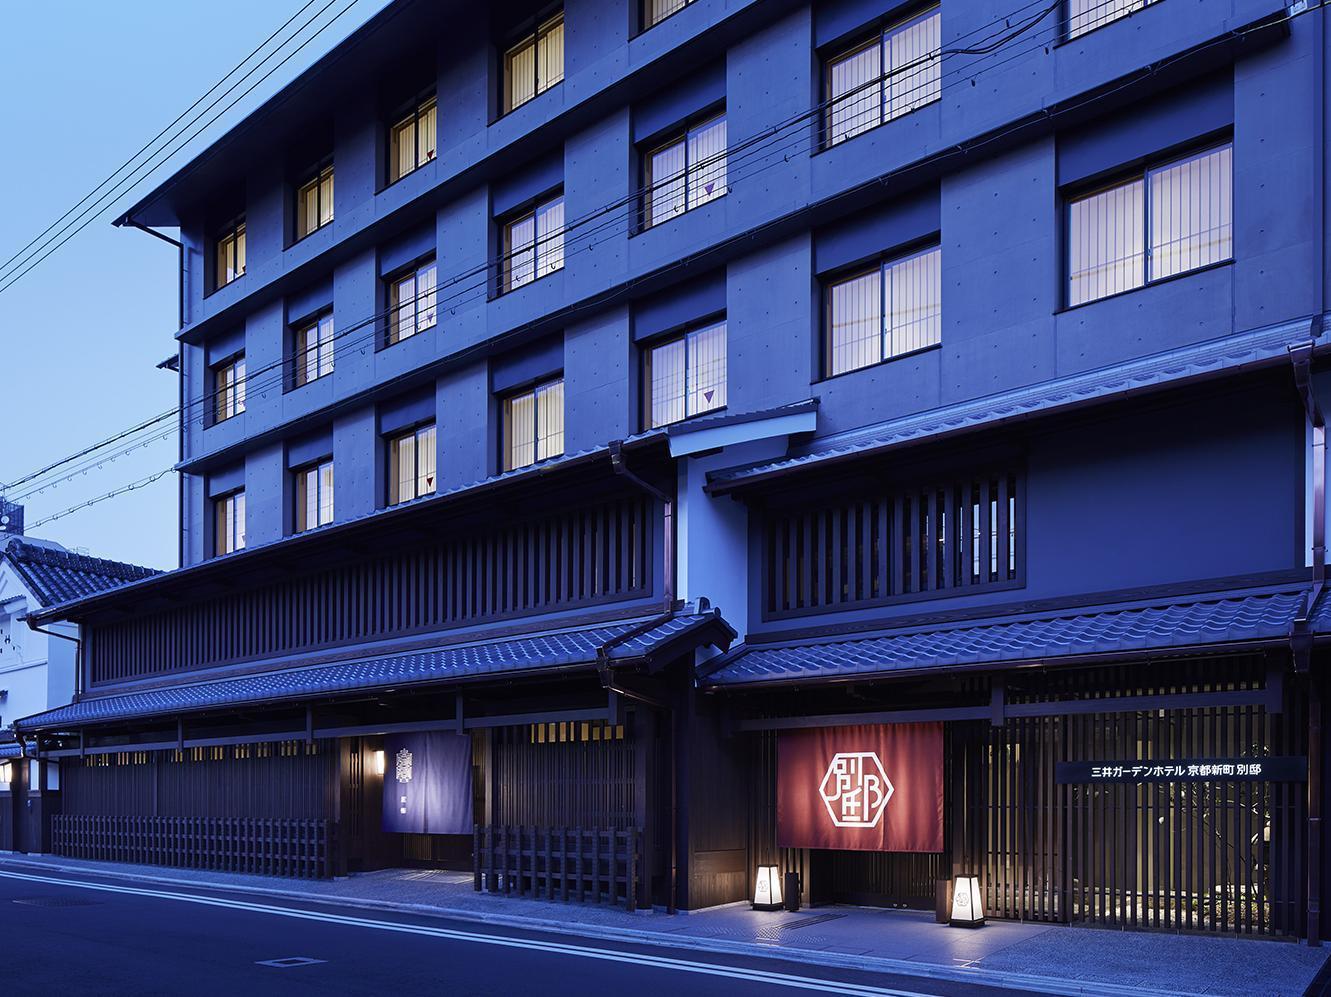 Mitsui Garden Hotel Kyoto Shinmachi Bettei - Kyoto